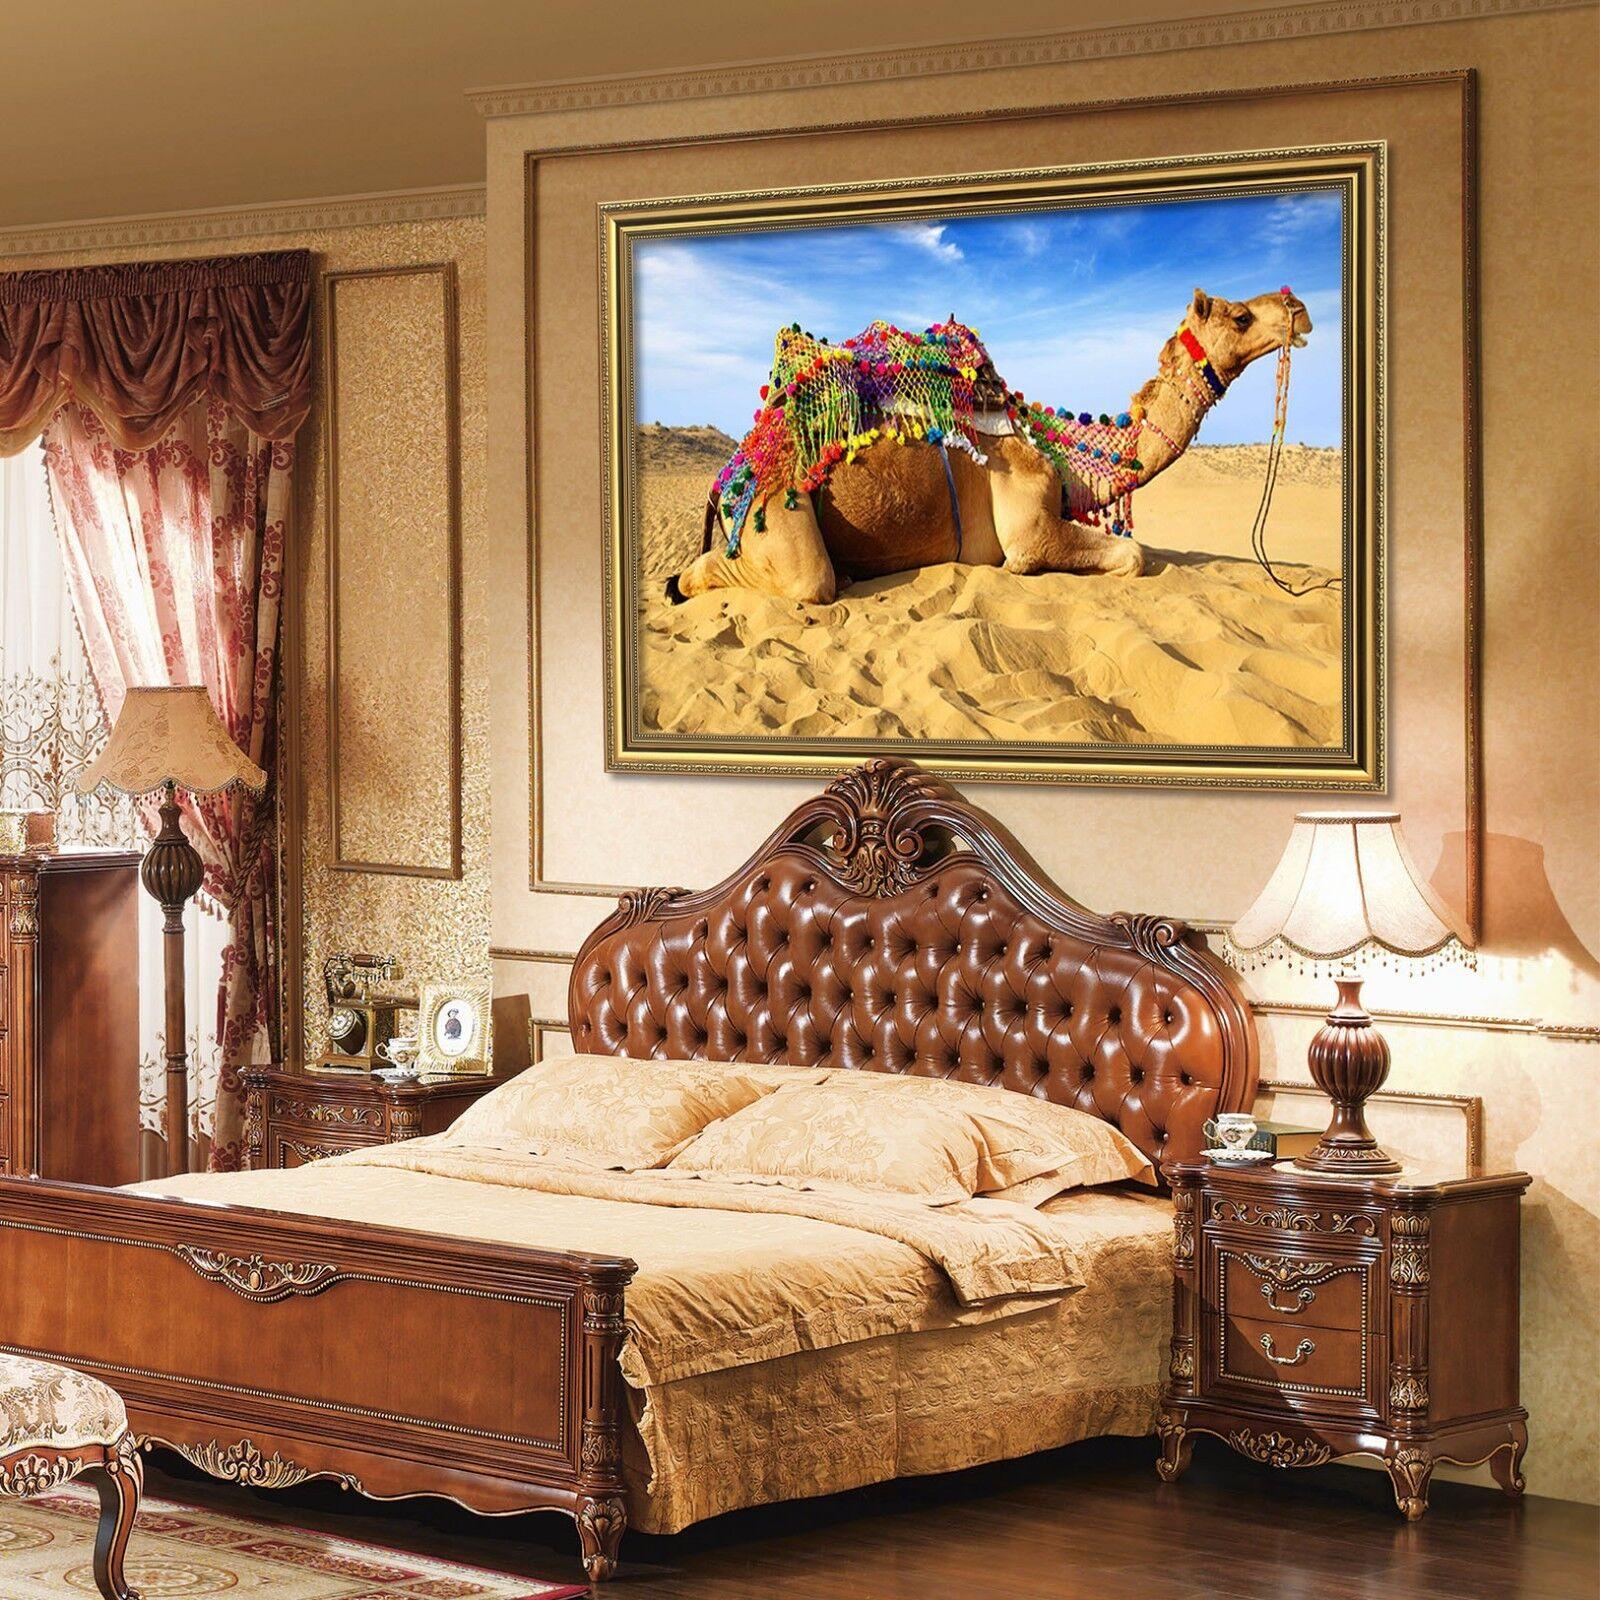 3D Desert Camel 6 Framed Poster Home Decor Print Painting Art AJ WALLPAPER AU